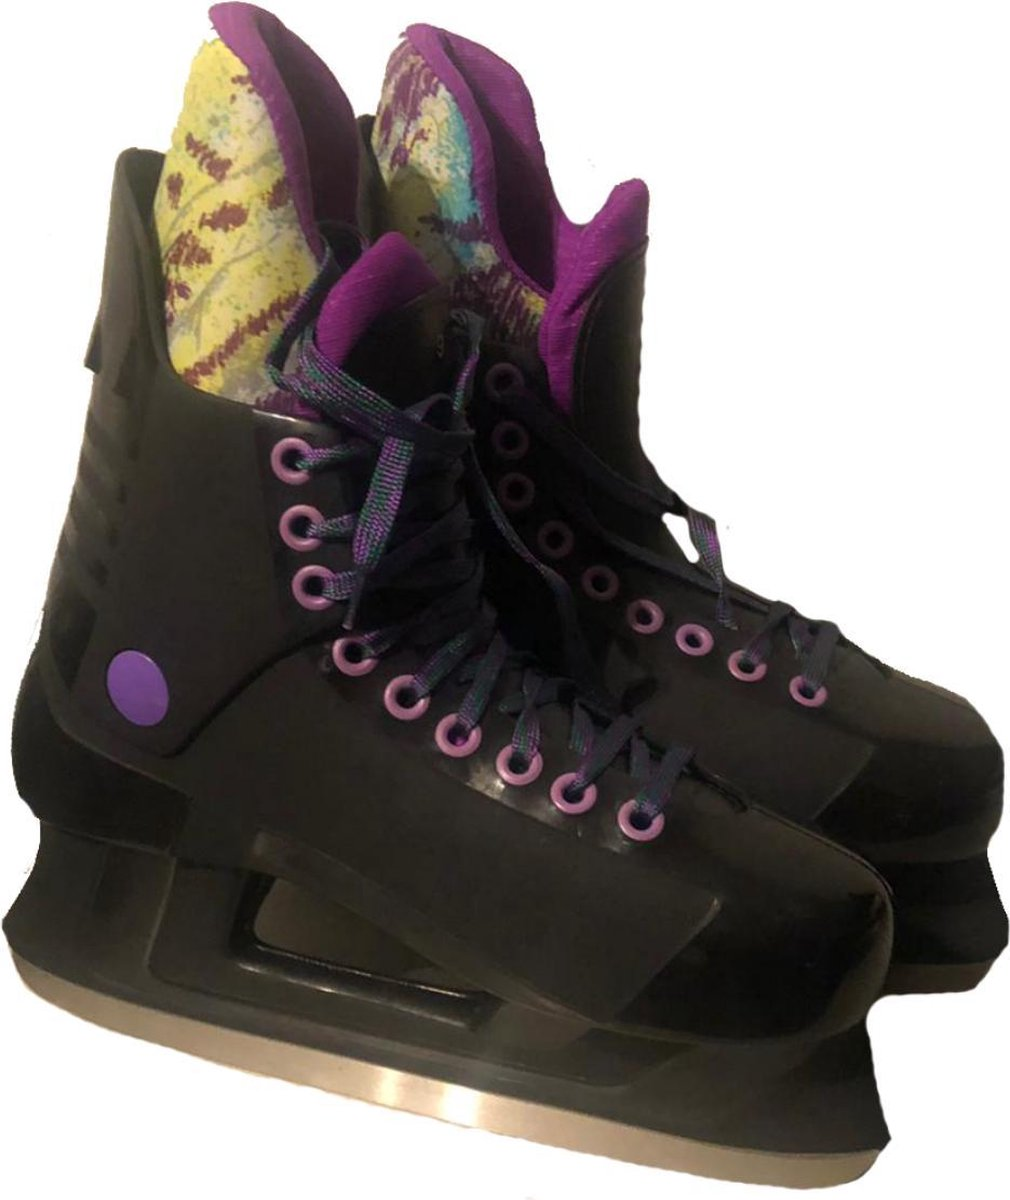 ACRO - IJshockeyschaats Polyester - Schaatsen - ijs schaats - Deluxe - Unisex - ijshockey schaatsen - Maat 39